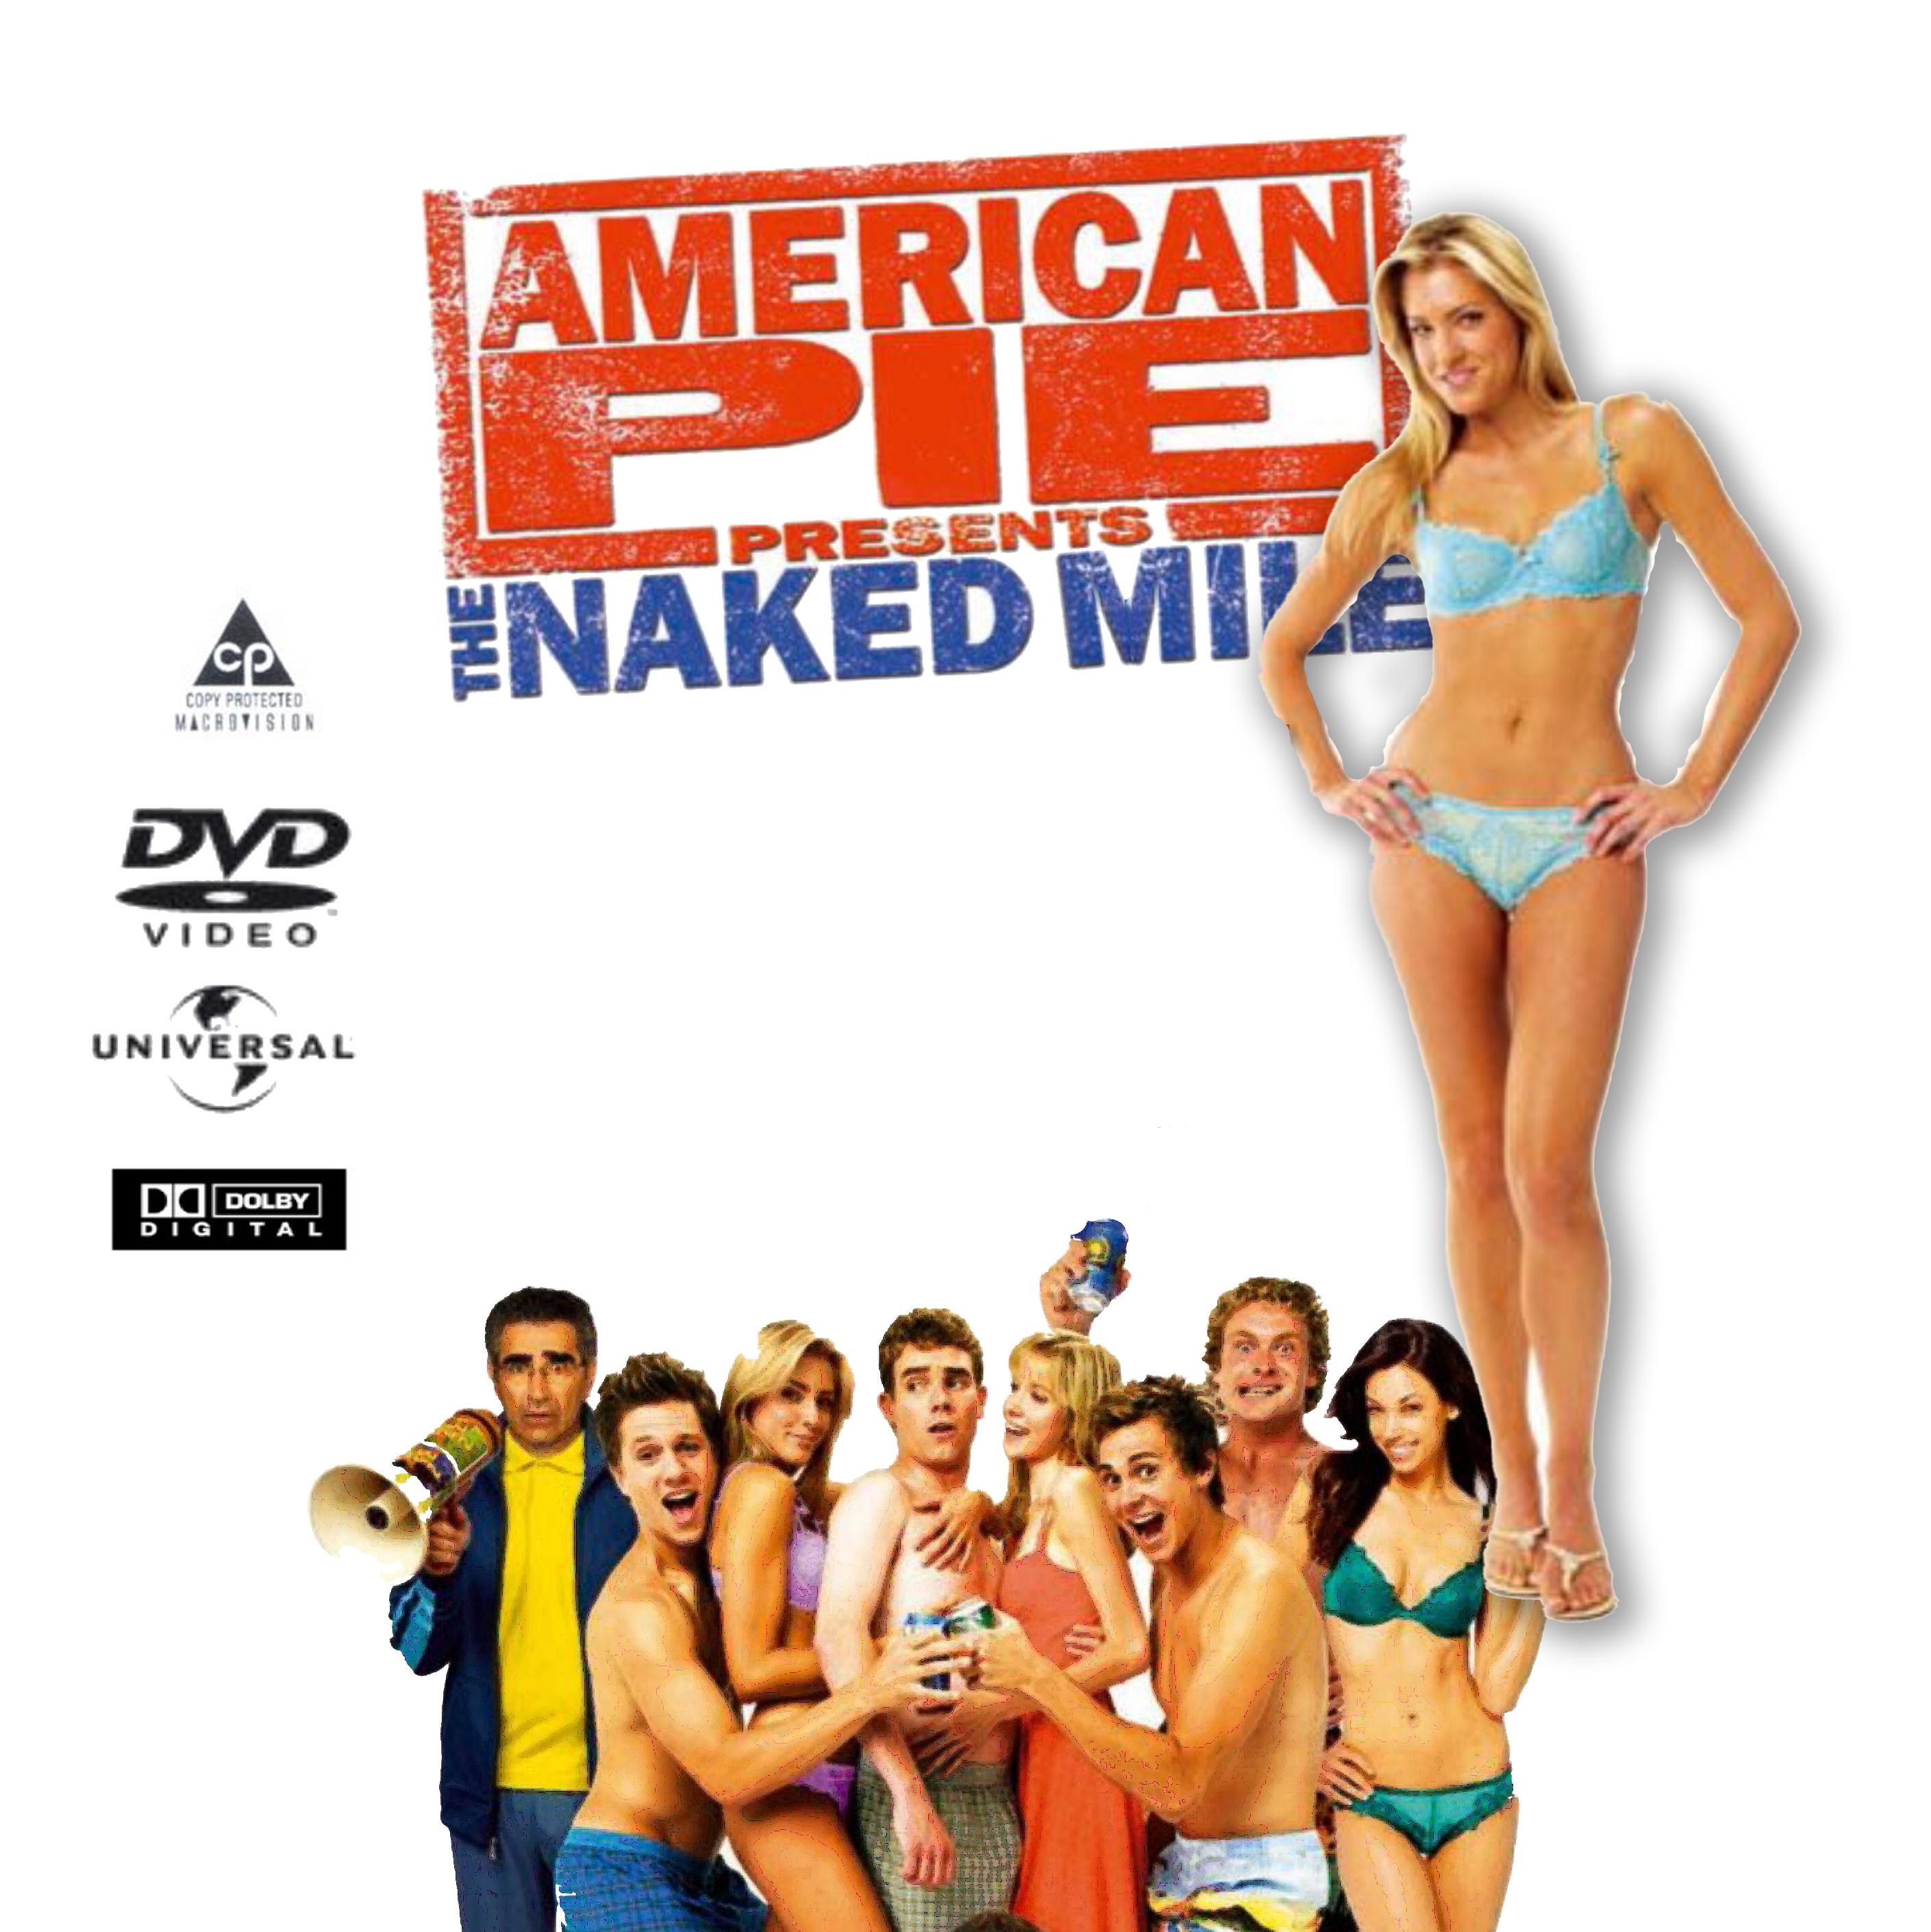 Superstar Naked Mile Soundtrack Pictures